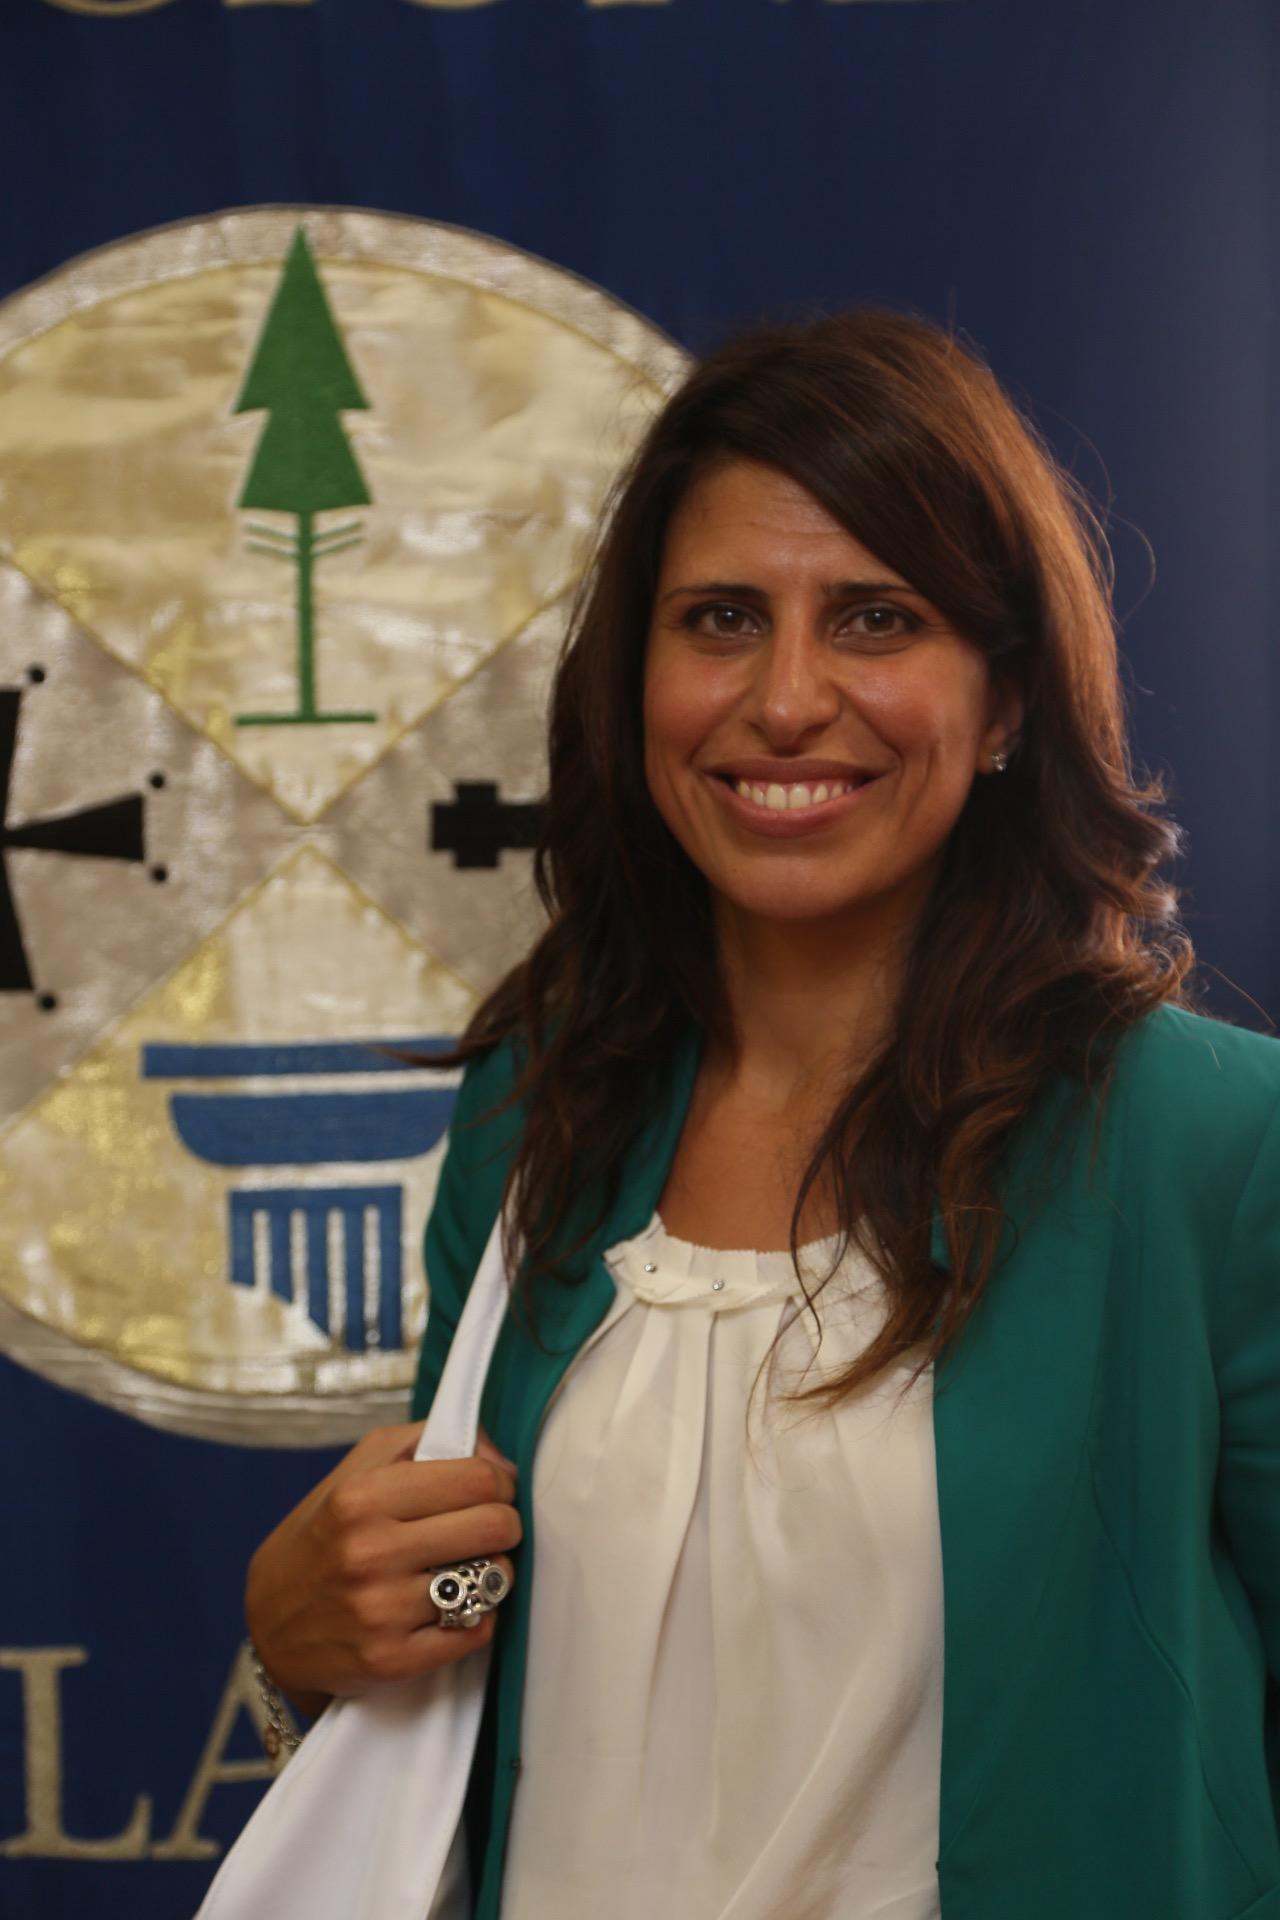 Federica Roccisano - Assessore alla Scuola, lavoro, welfare e politiche giovanili. Crotone